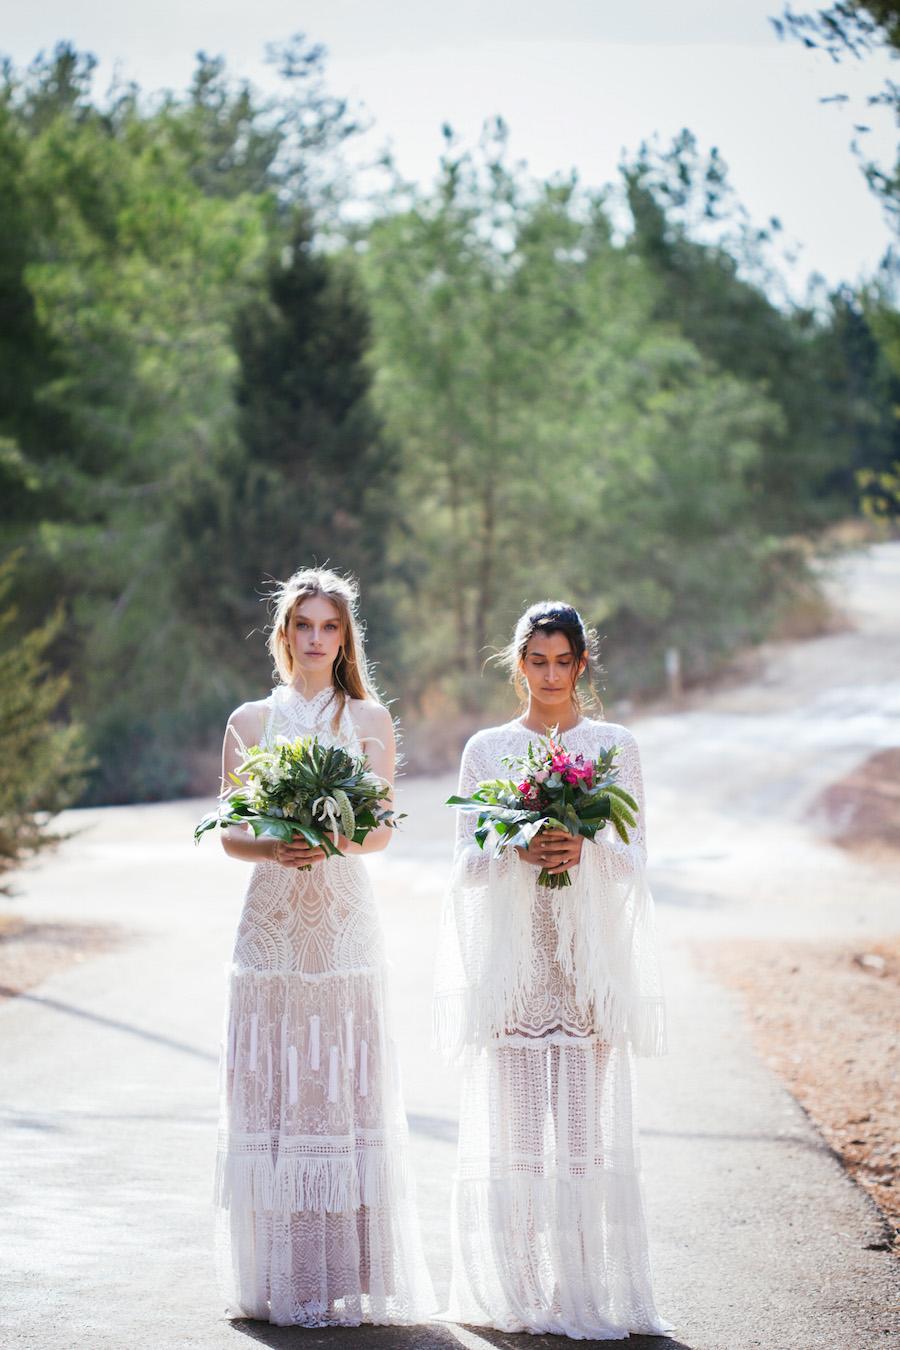 9 טיפים לצילומים בטבע ביום החתונה